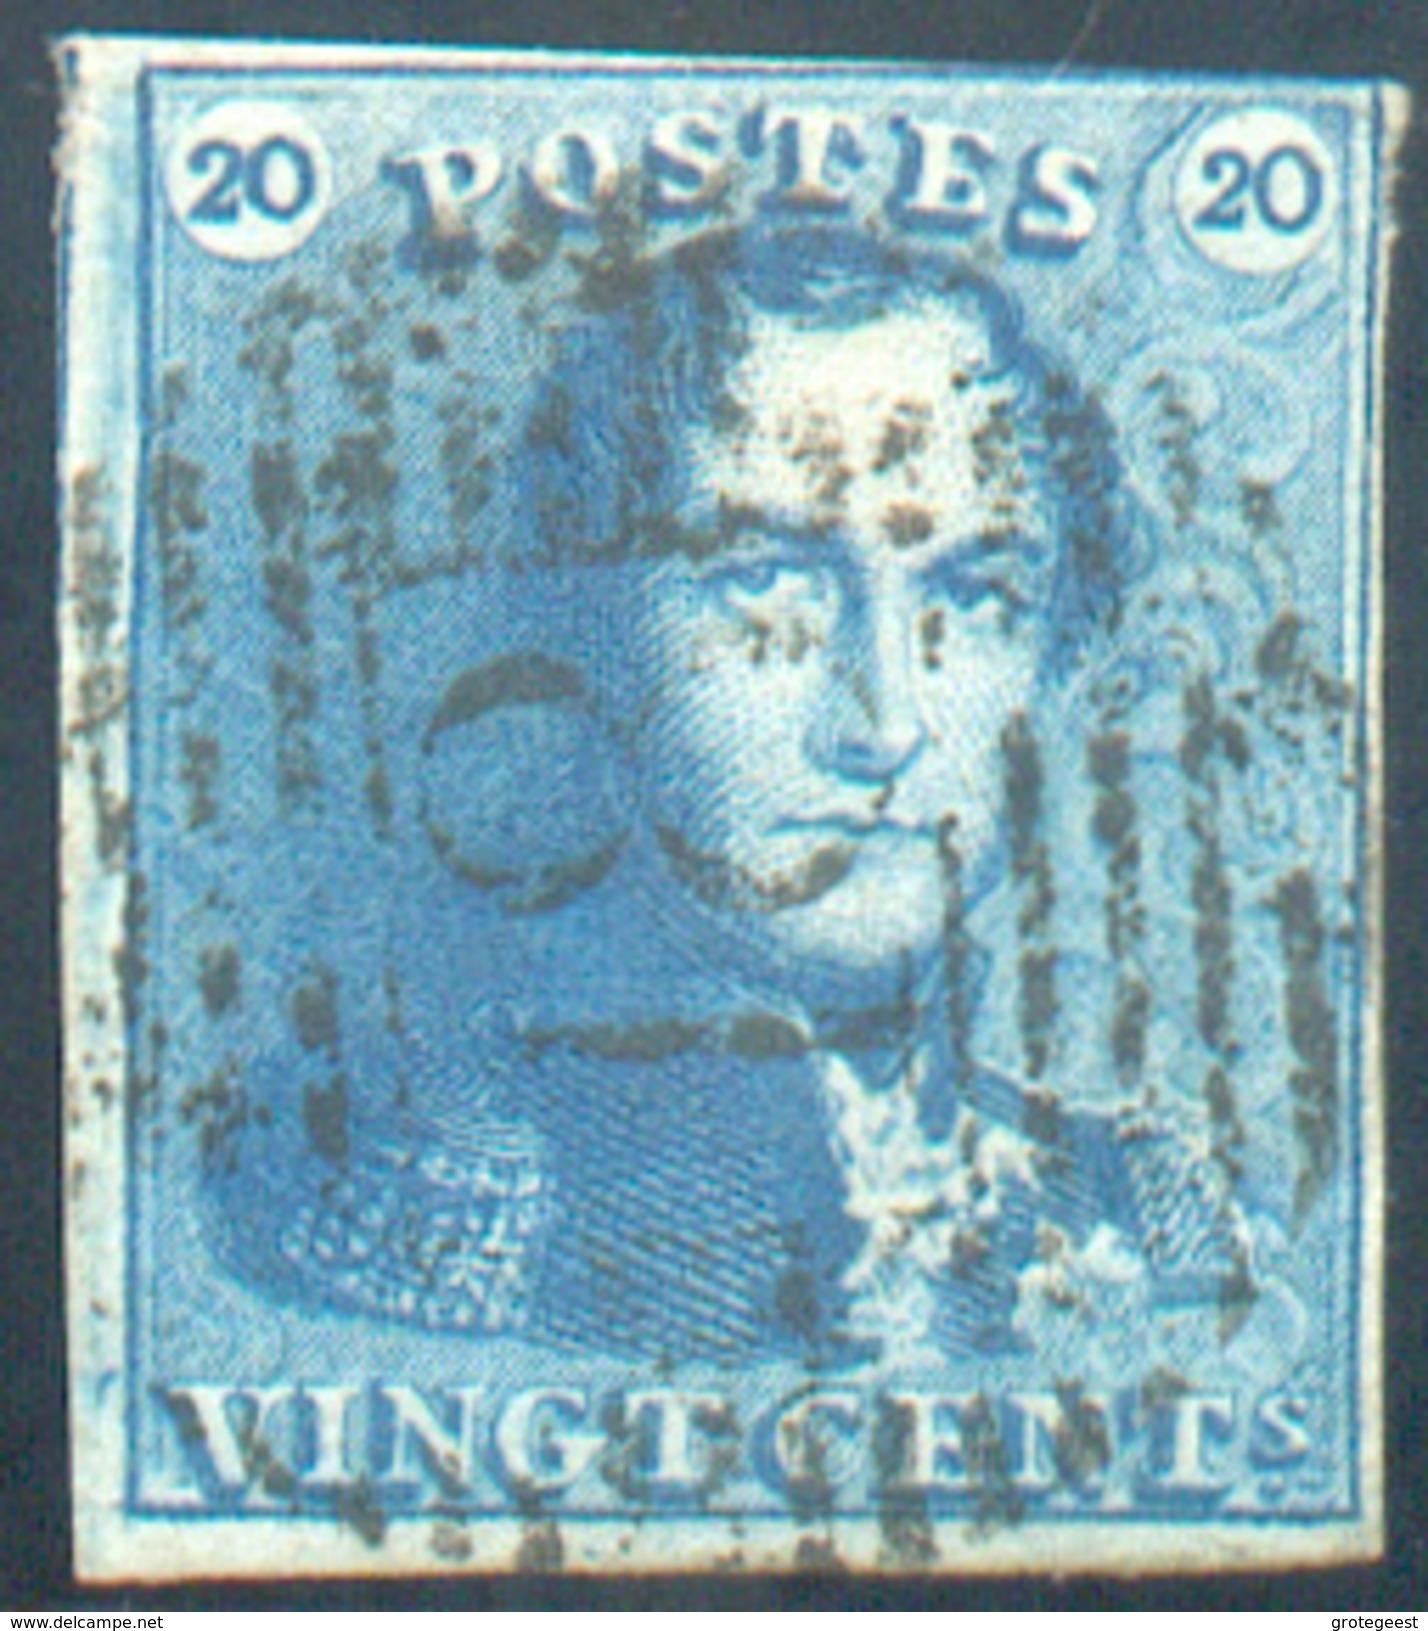 N°2 - Epaulette 20 Centimes Bleue, Tun Peu Court à Droite Sinon Margée, Obl. P.18  BINCHE  - 11662 - 1849 Epaulettes